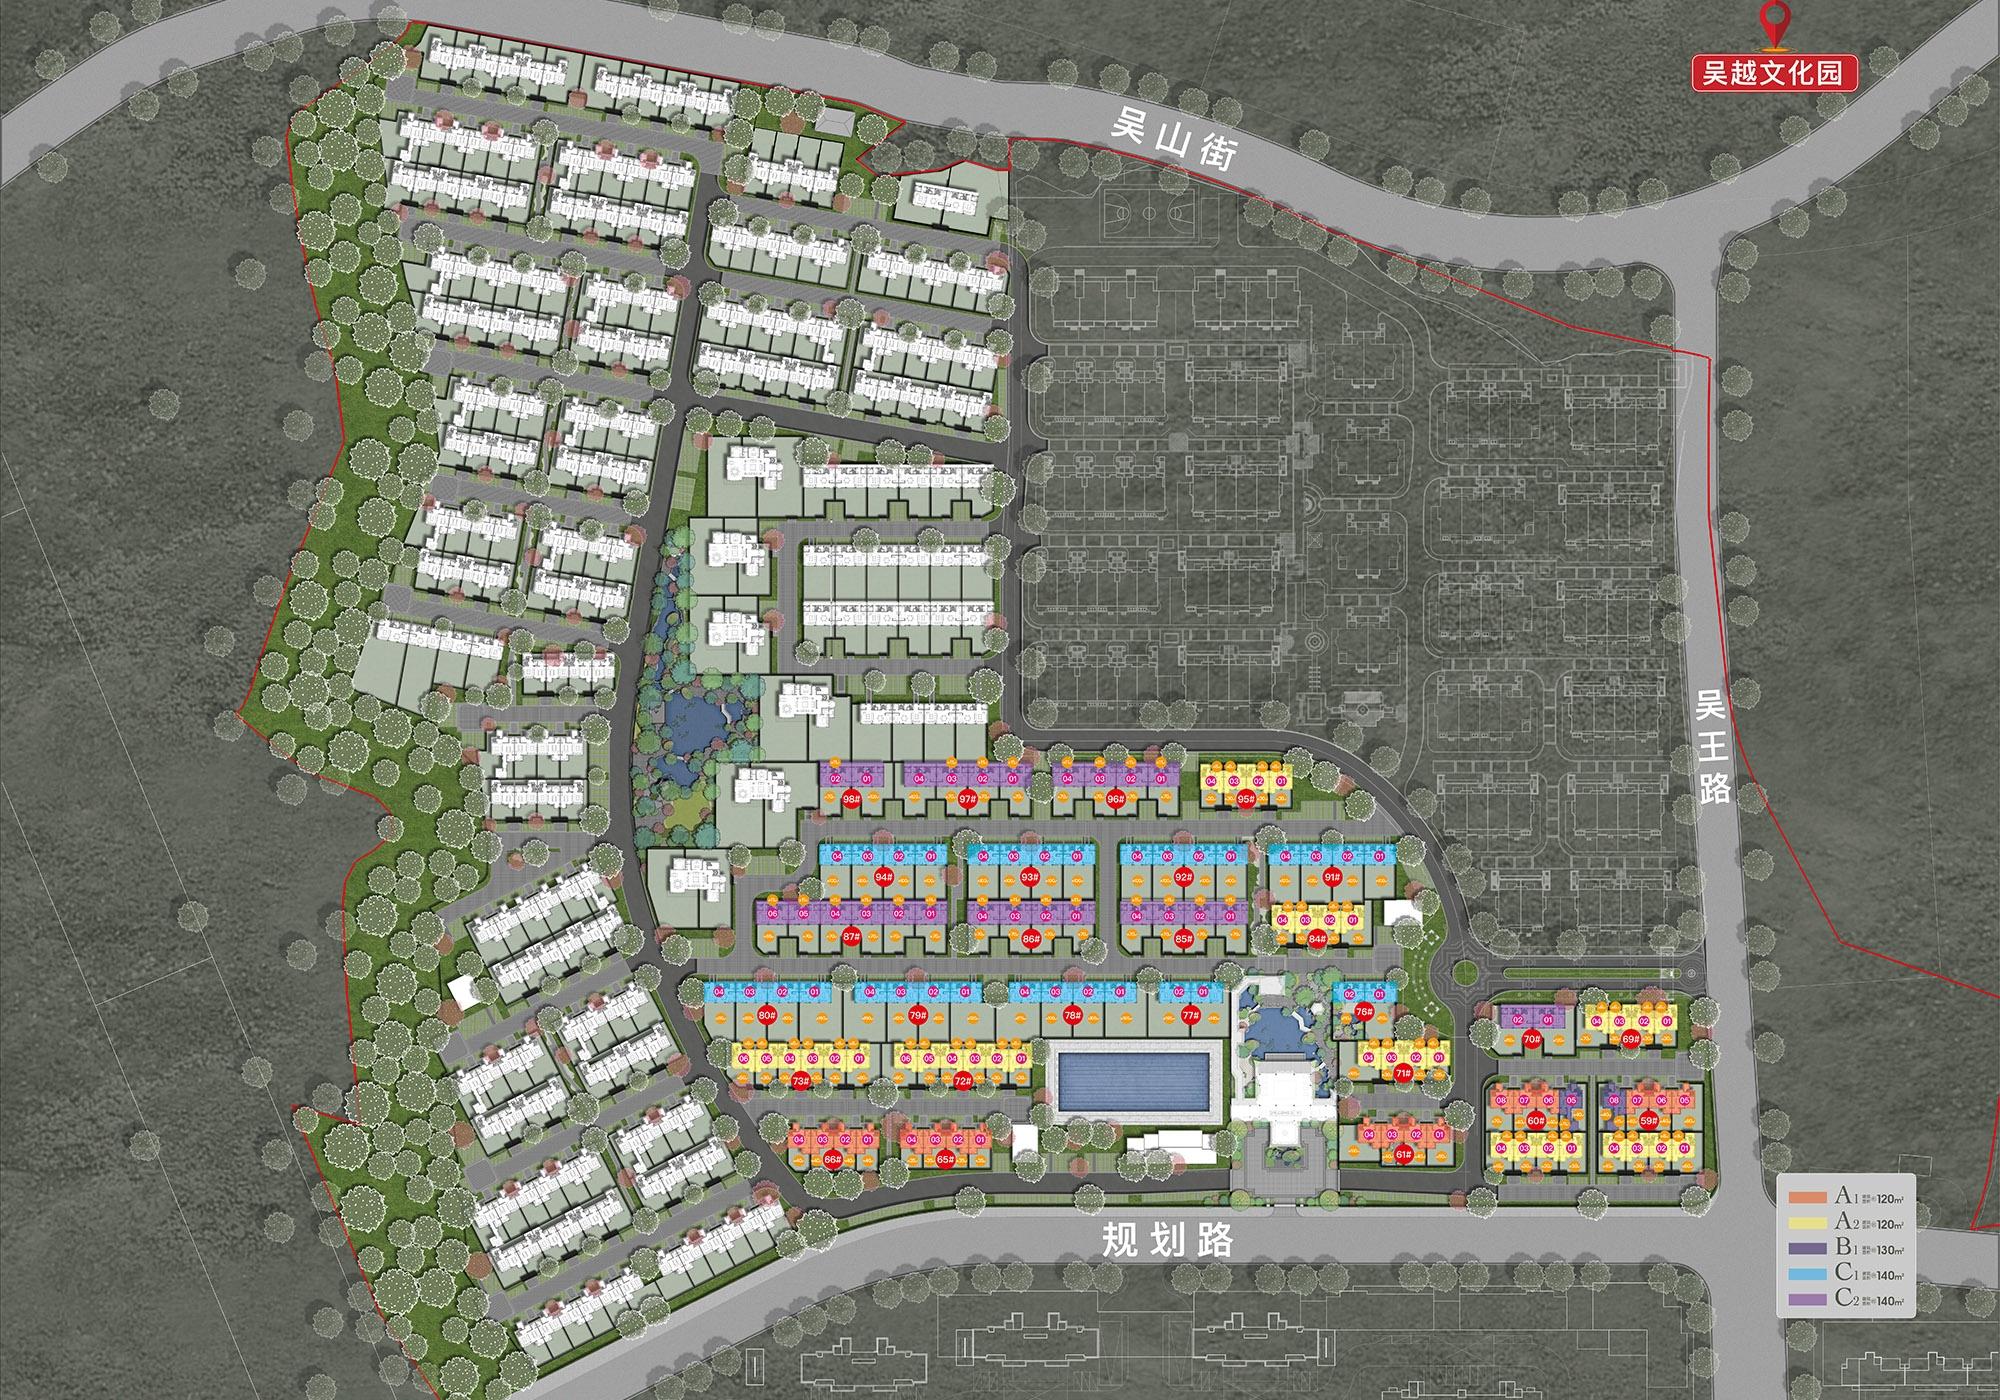 银城青山湖畔合院规划鸟瞰图